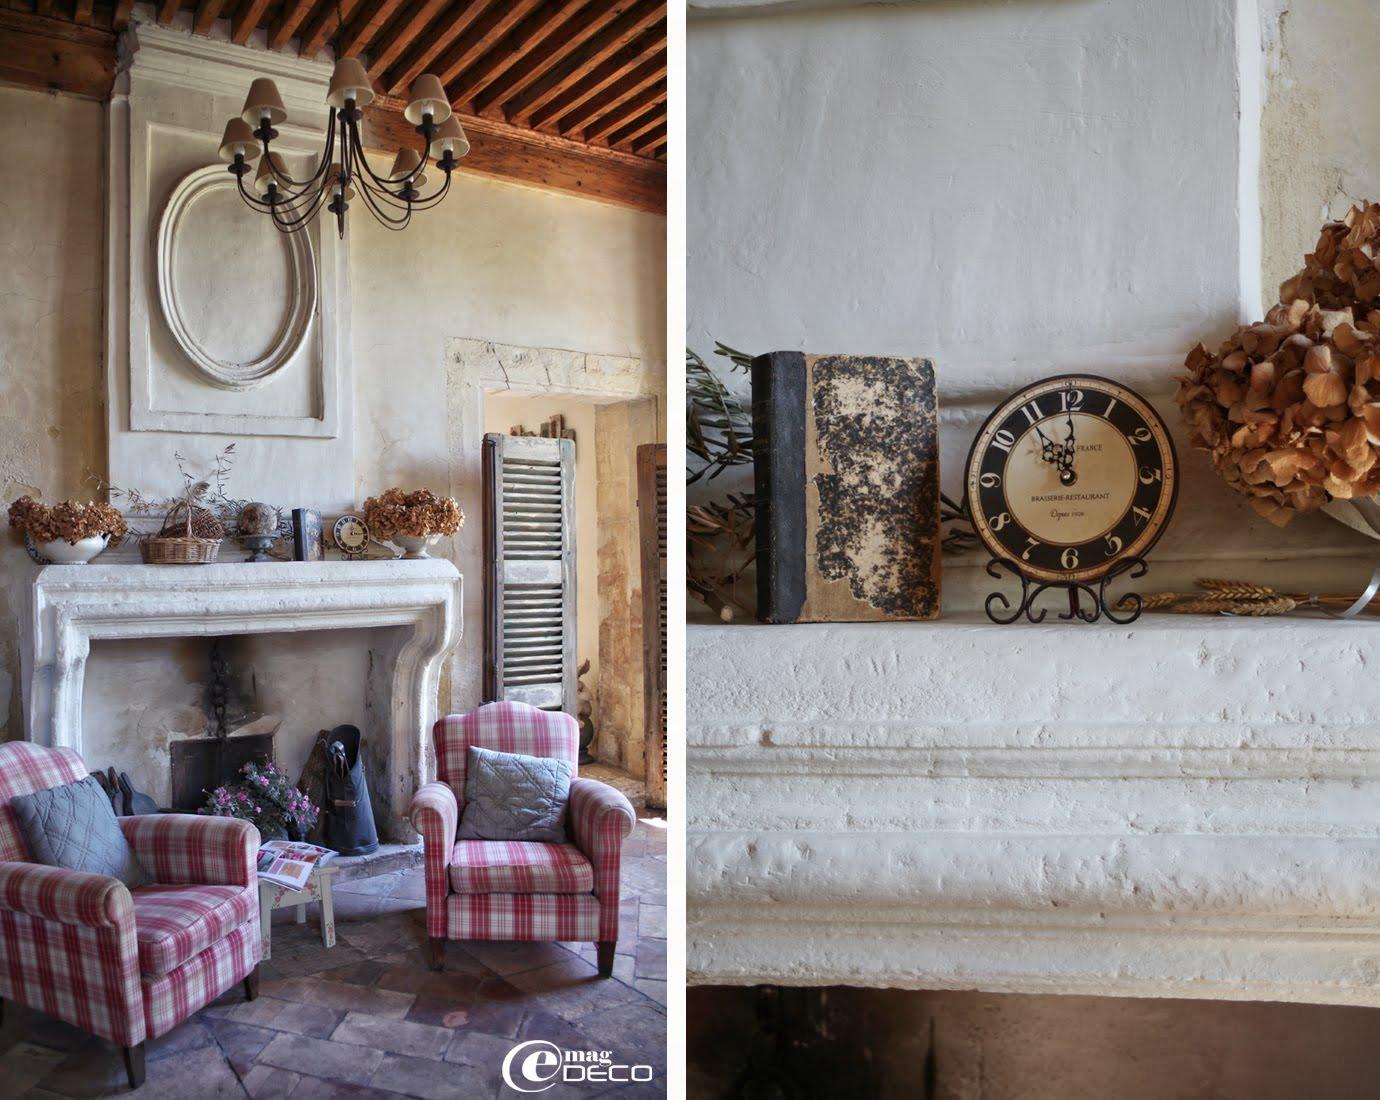 Fauteuils Country Corner devant une cheminée provençale et vieux volets détournés en paravents